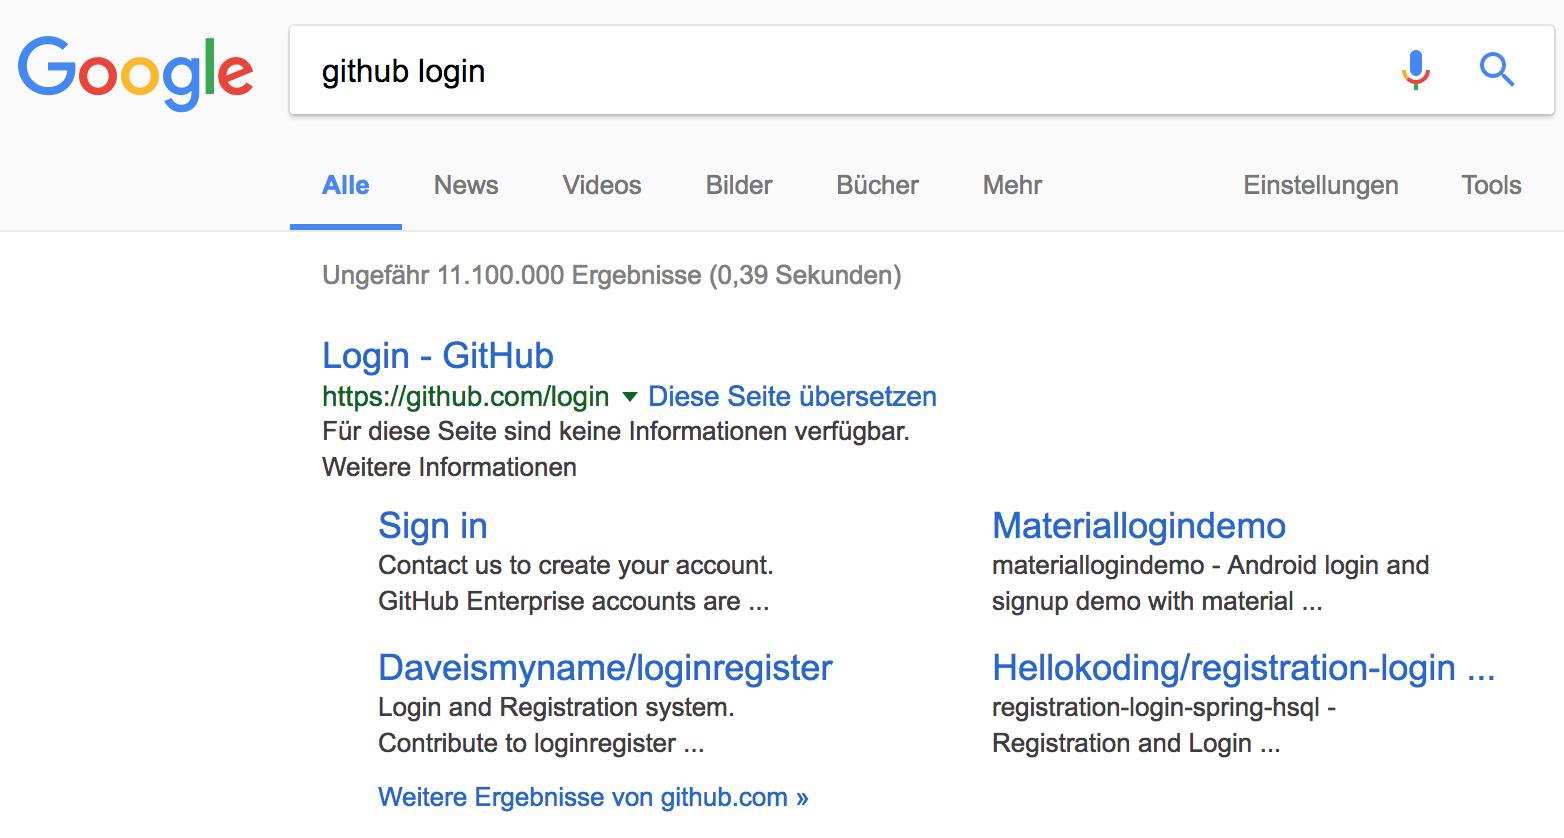 Google zeigt als Suchergebnis keine valide Description an